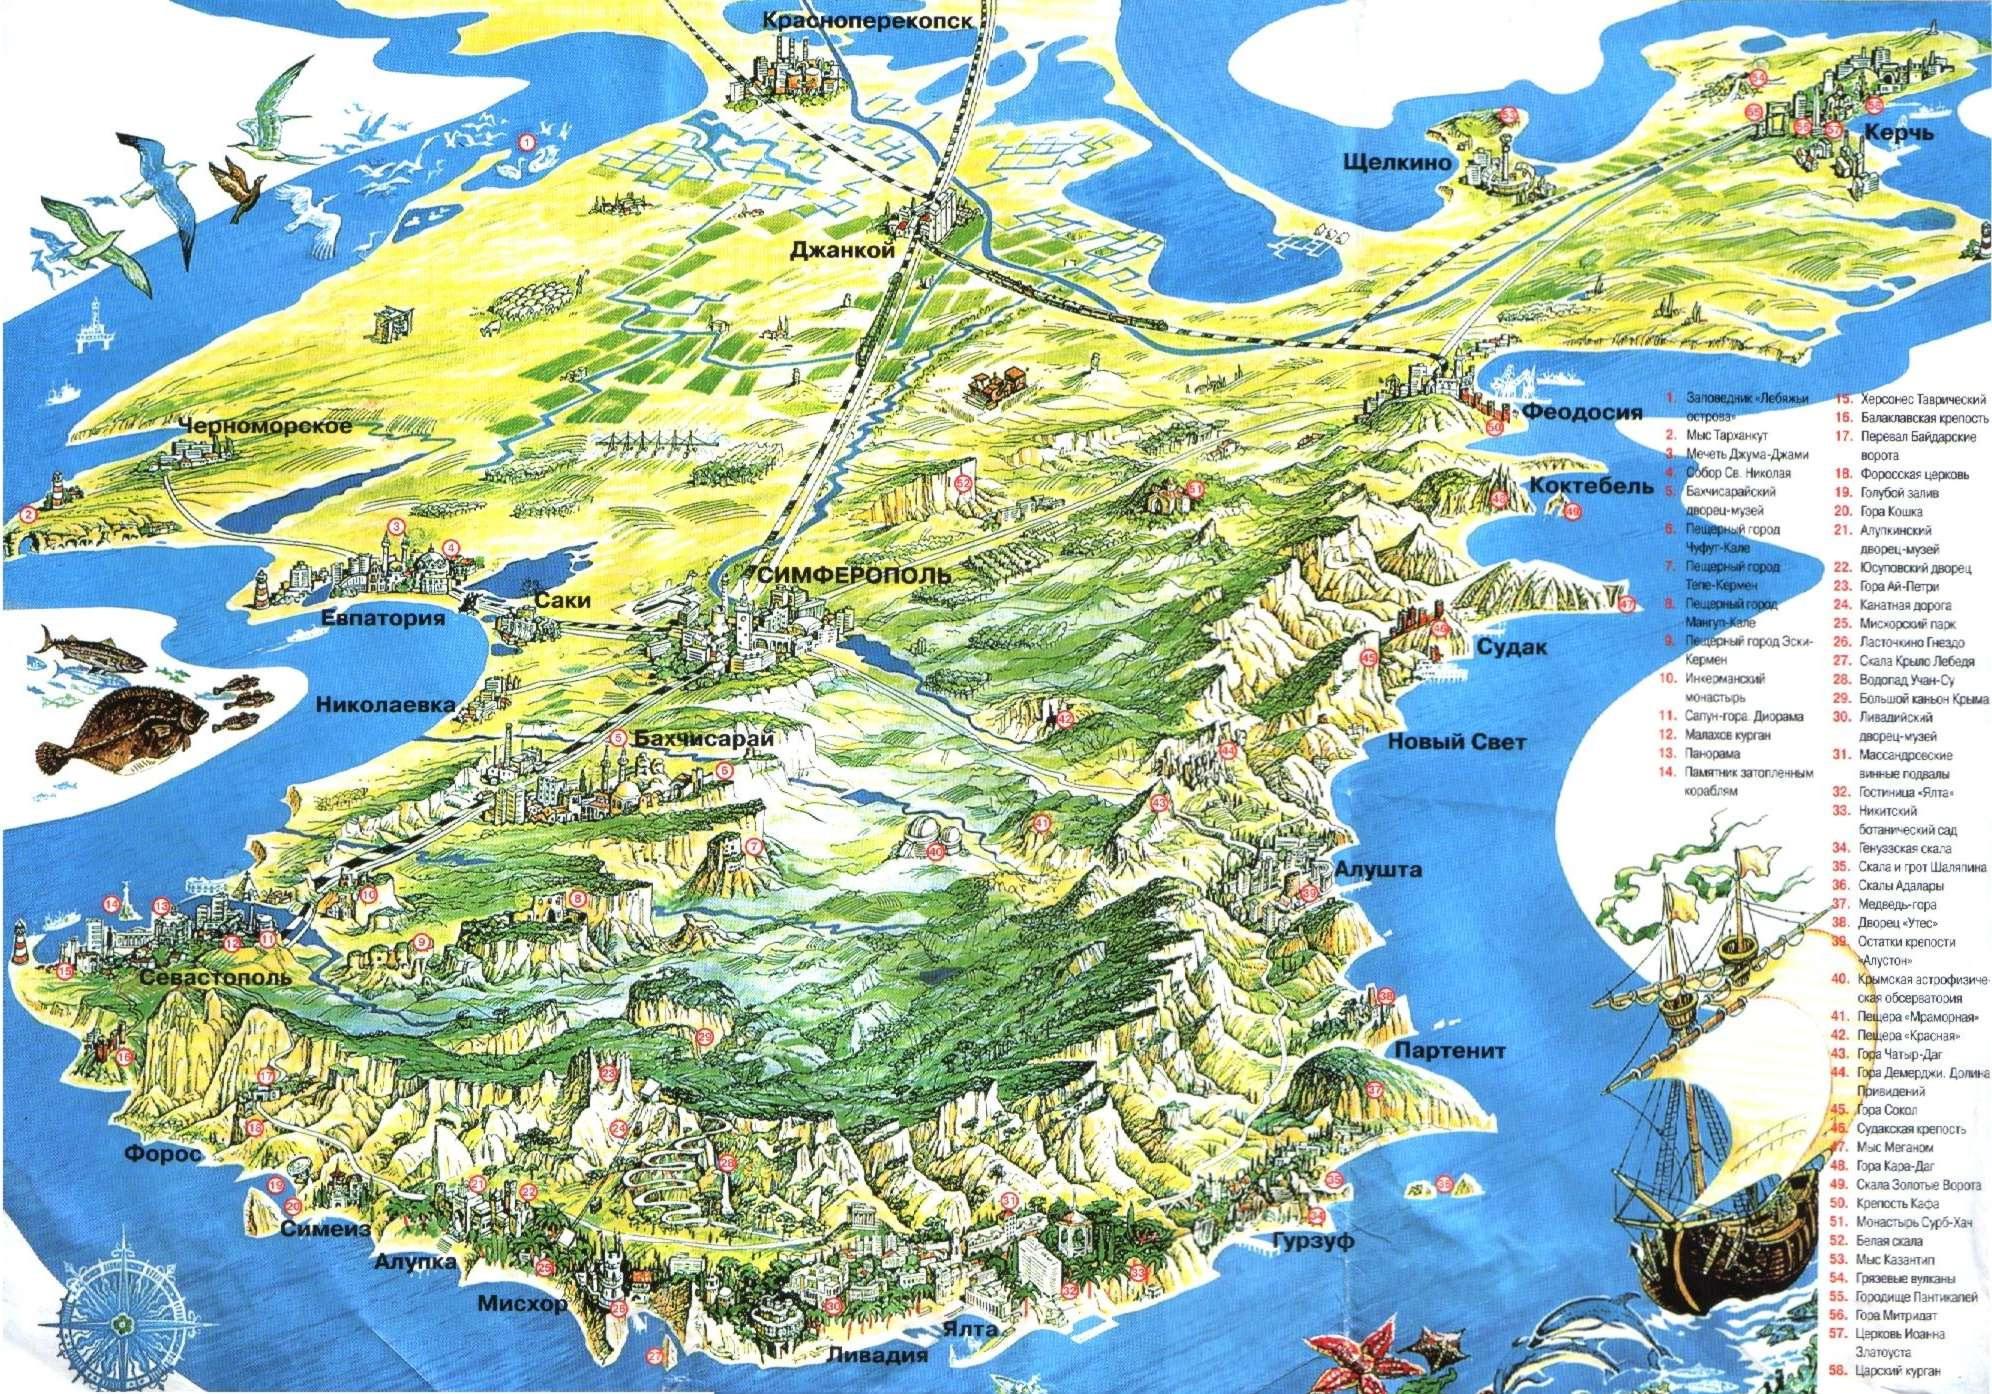 Карта достопримечательностей Крыма: http://koktebel.ecrimea.ru/index.php/topic,27.0.html